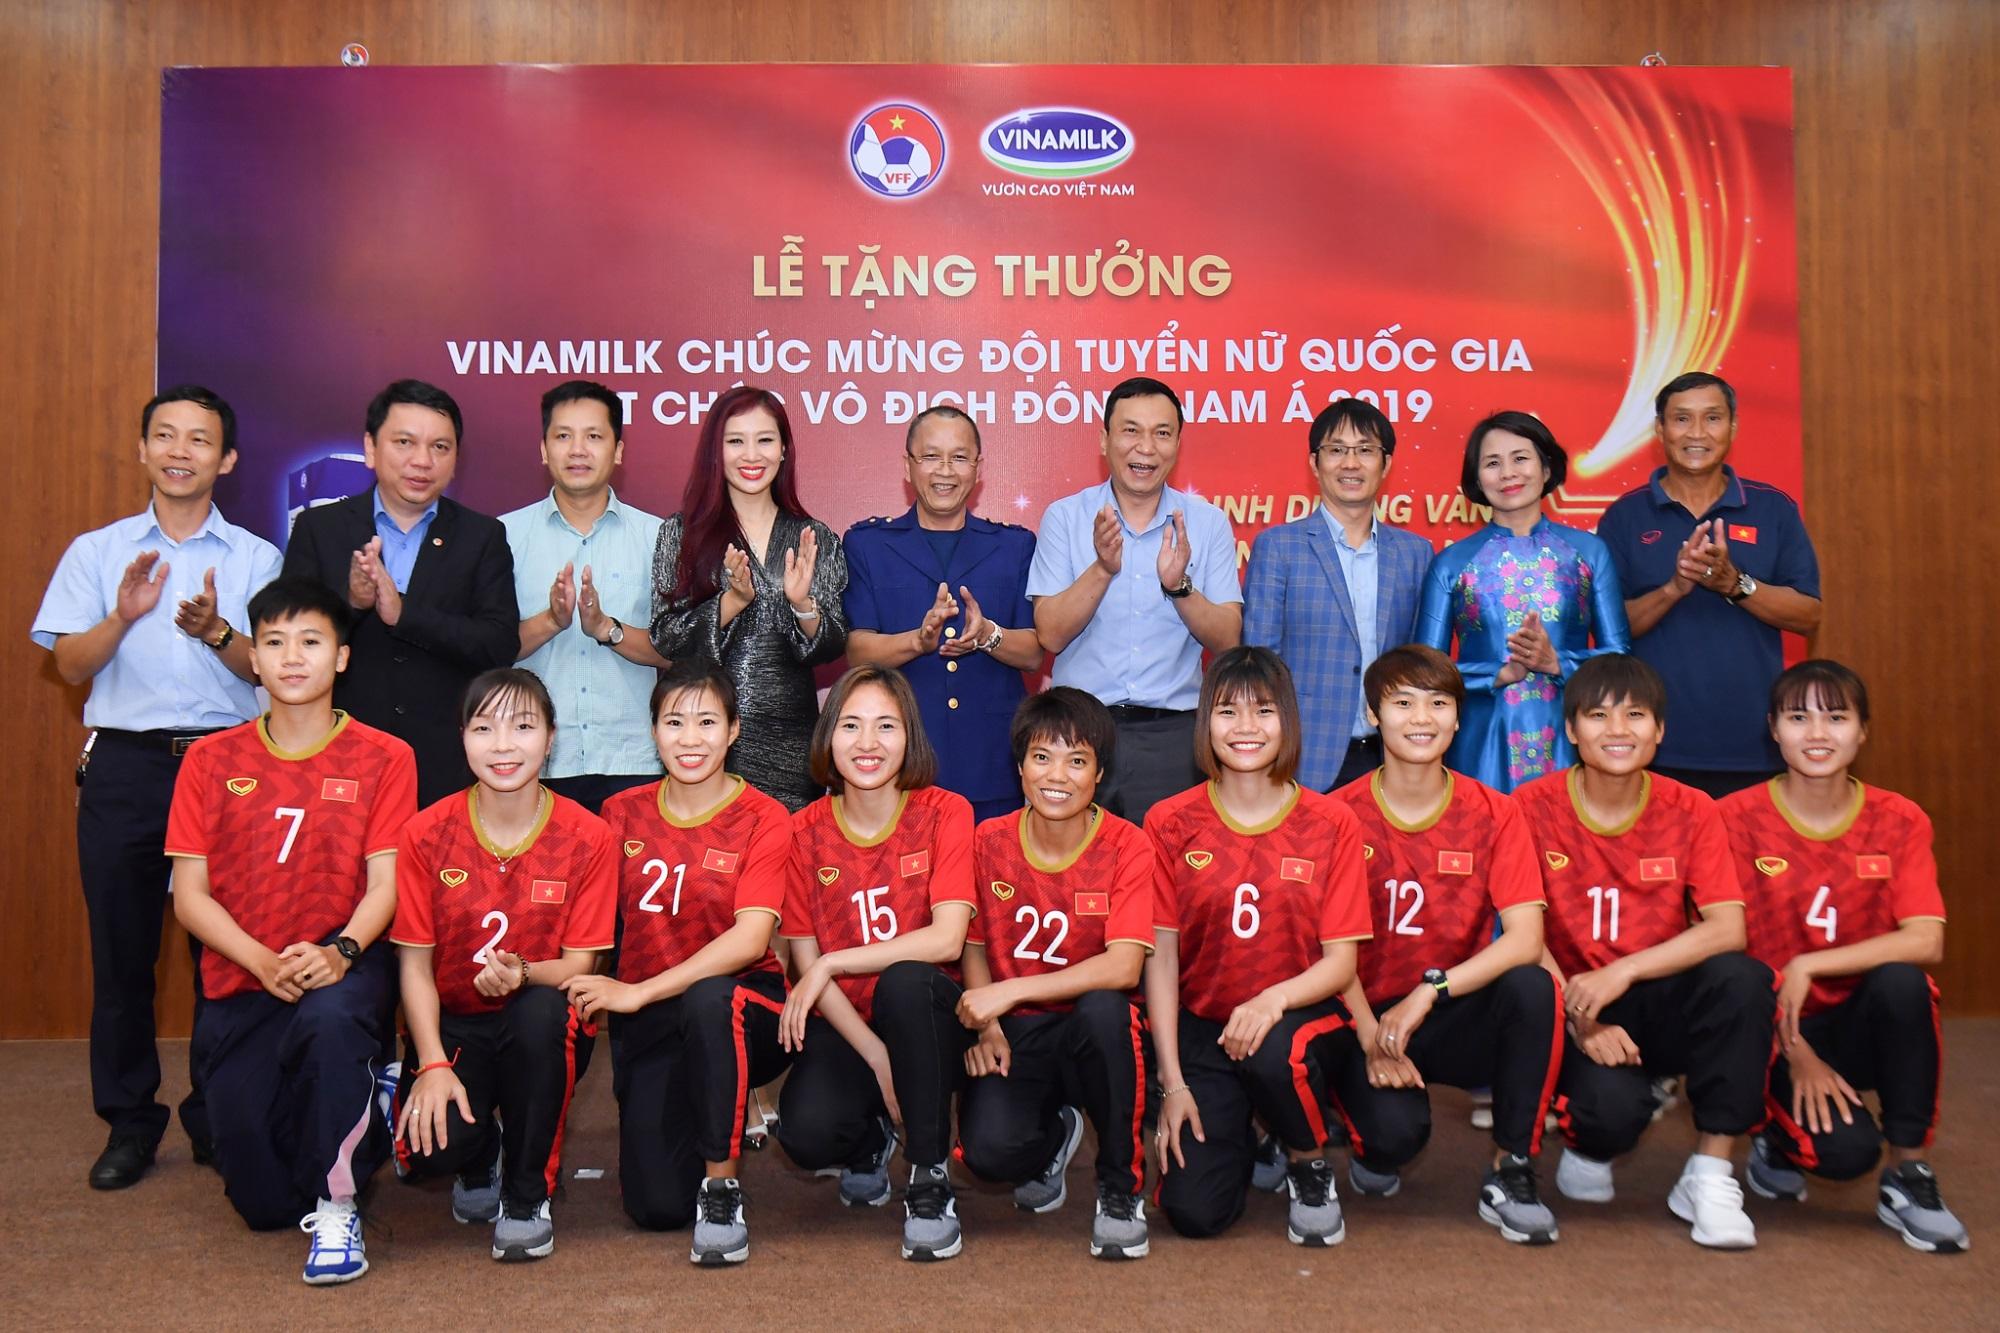 Vinamilk trao thưởng chúc mừng đội tuyển bóng đá nữ quốc gia vô địch Đông Nam Á 2019 - Ảnh 4